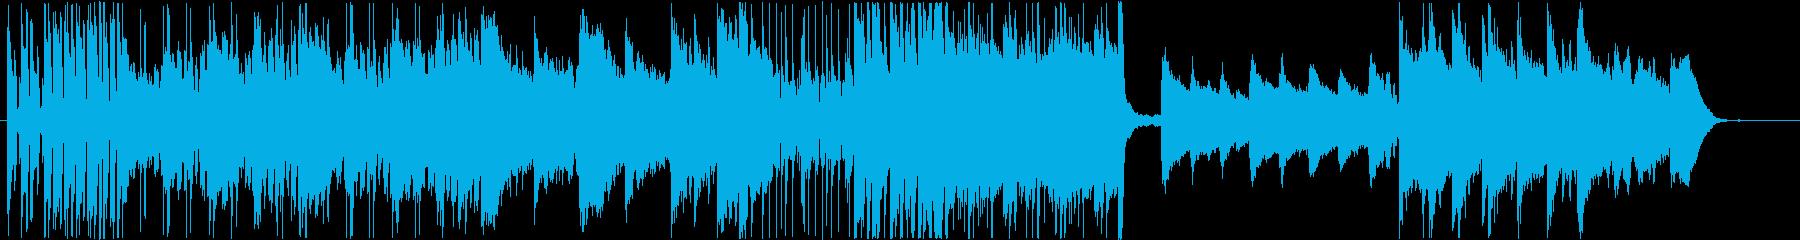 ダンジョン/パンフルート/わくわく等の再生済みの波形